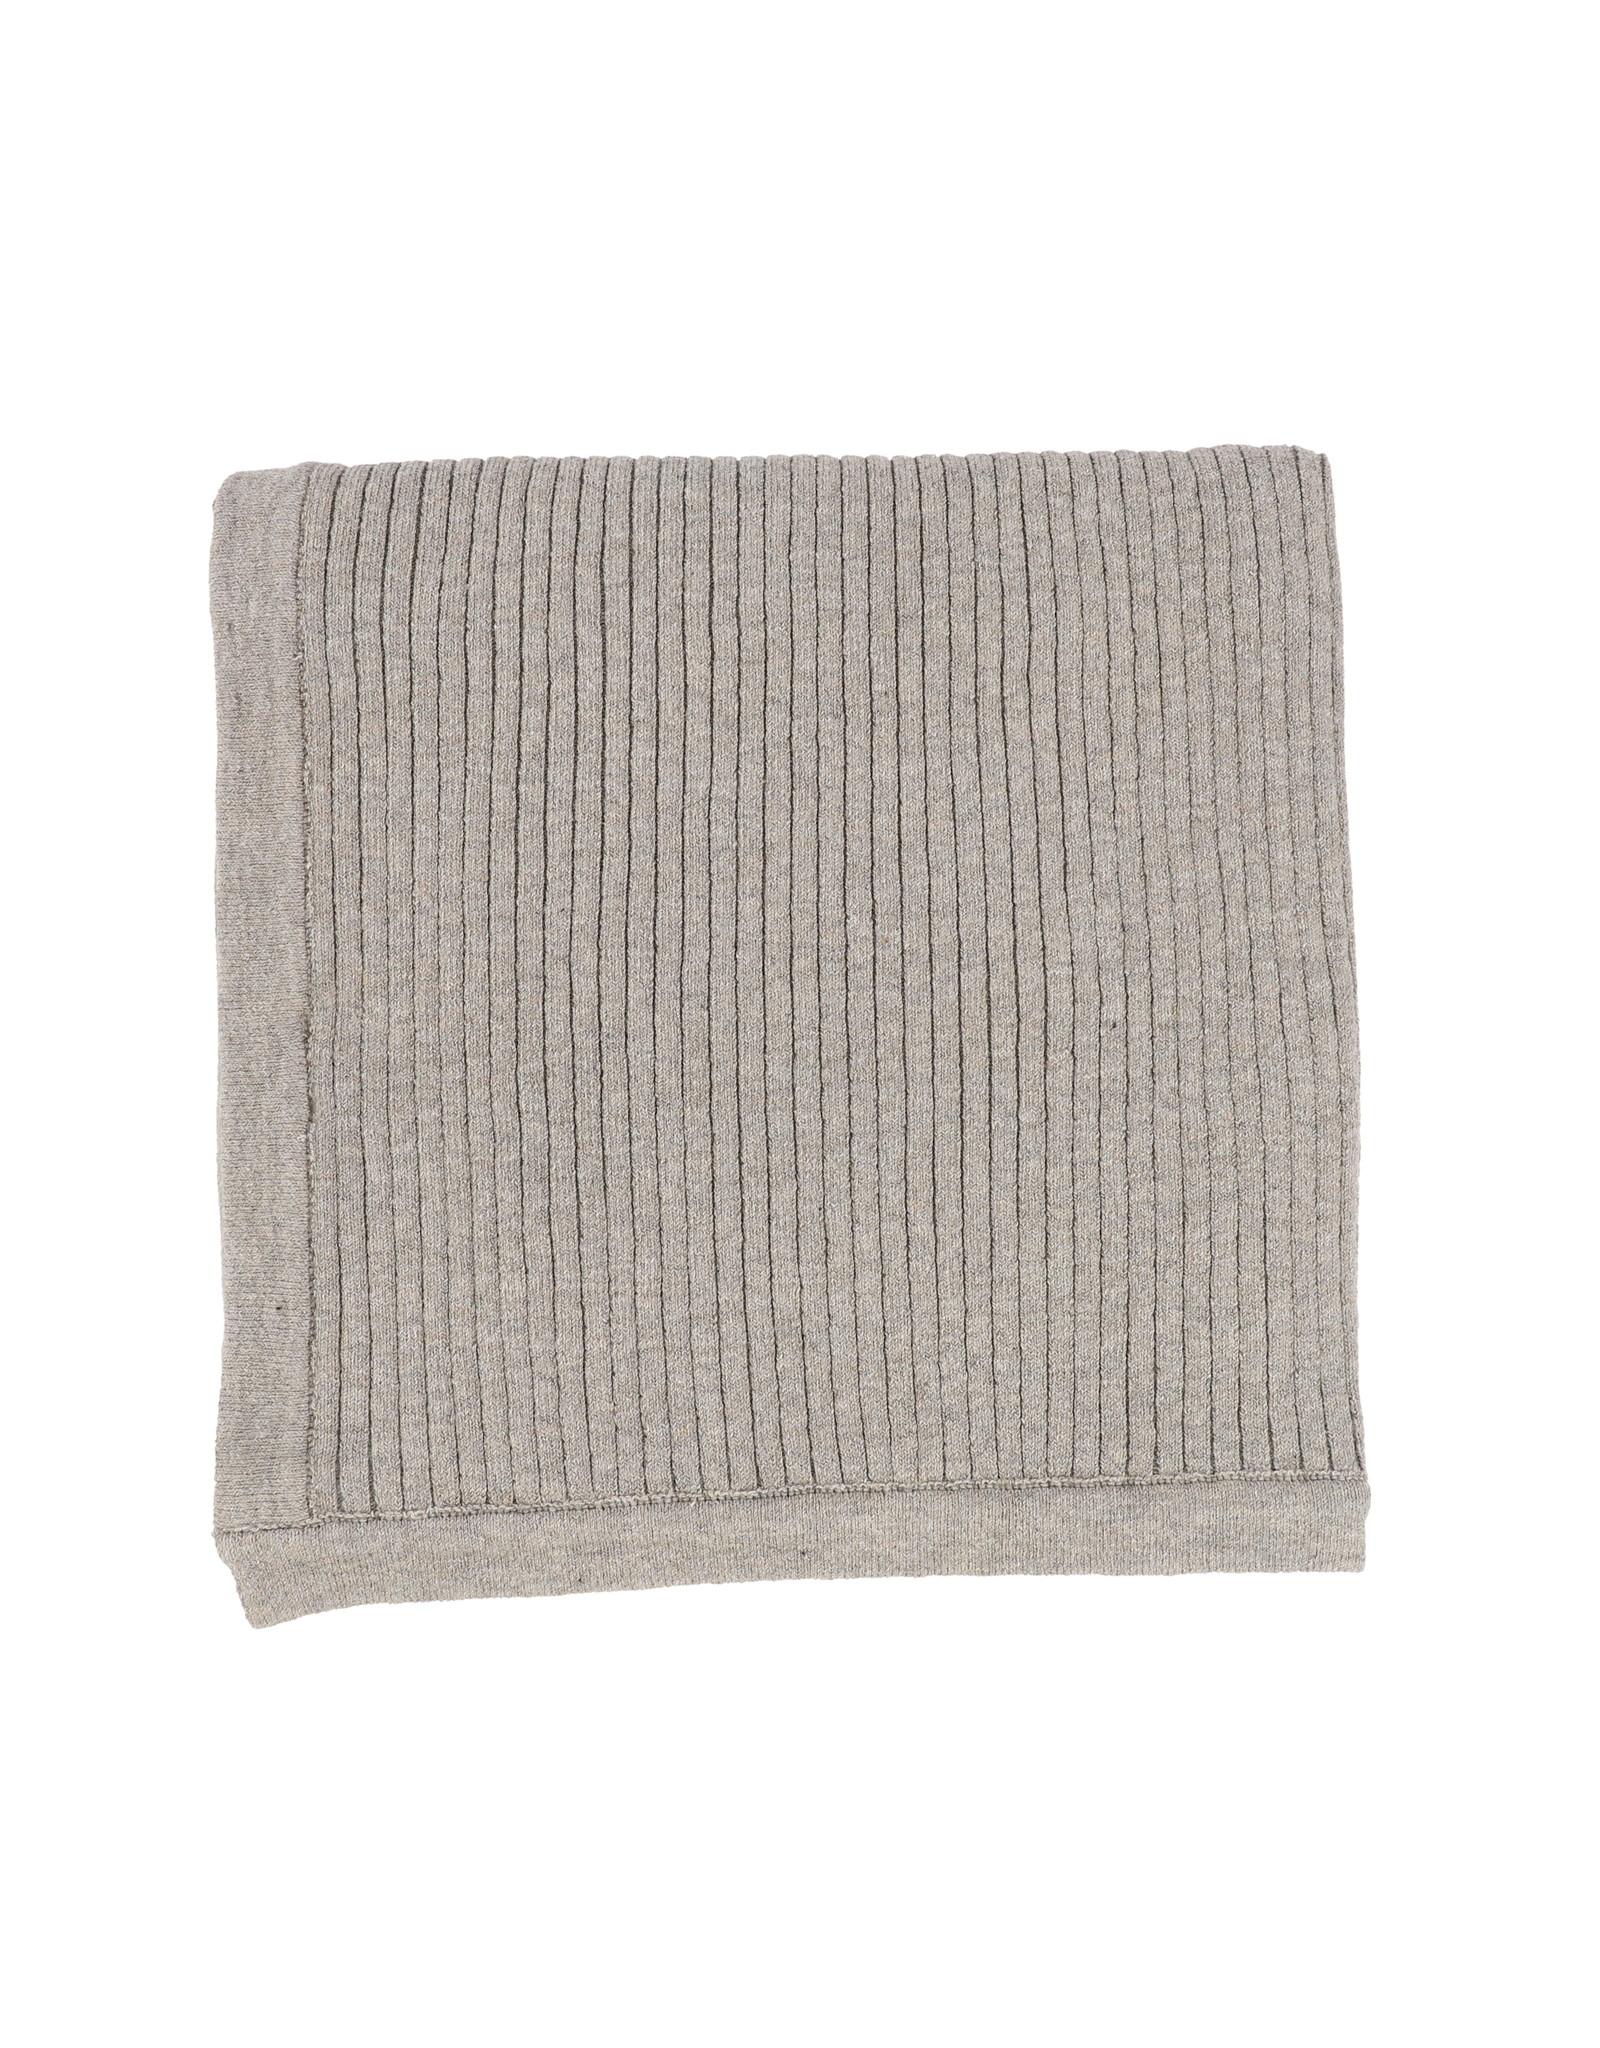 Analogie Analogie Knit Blanket